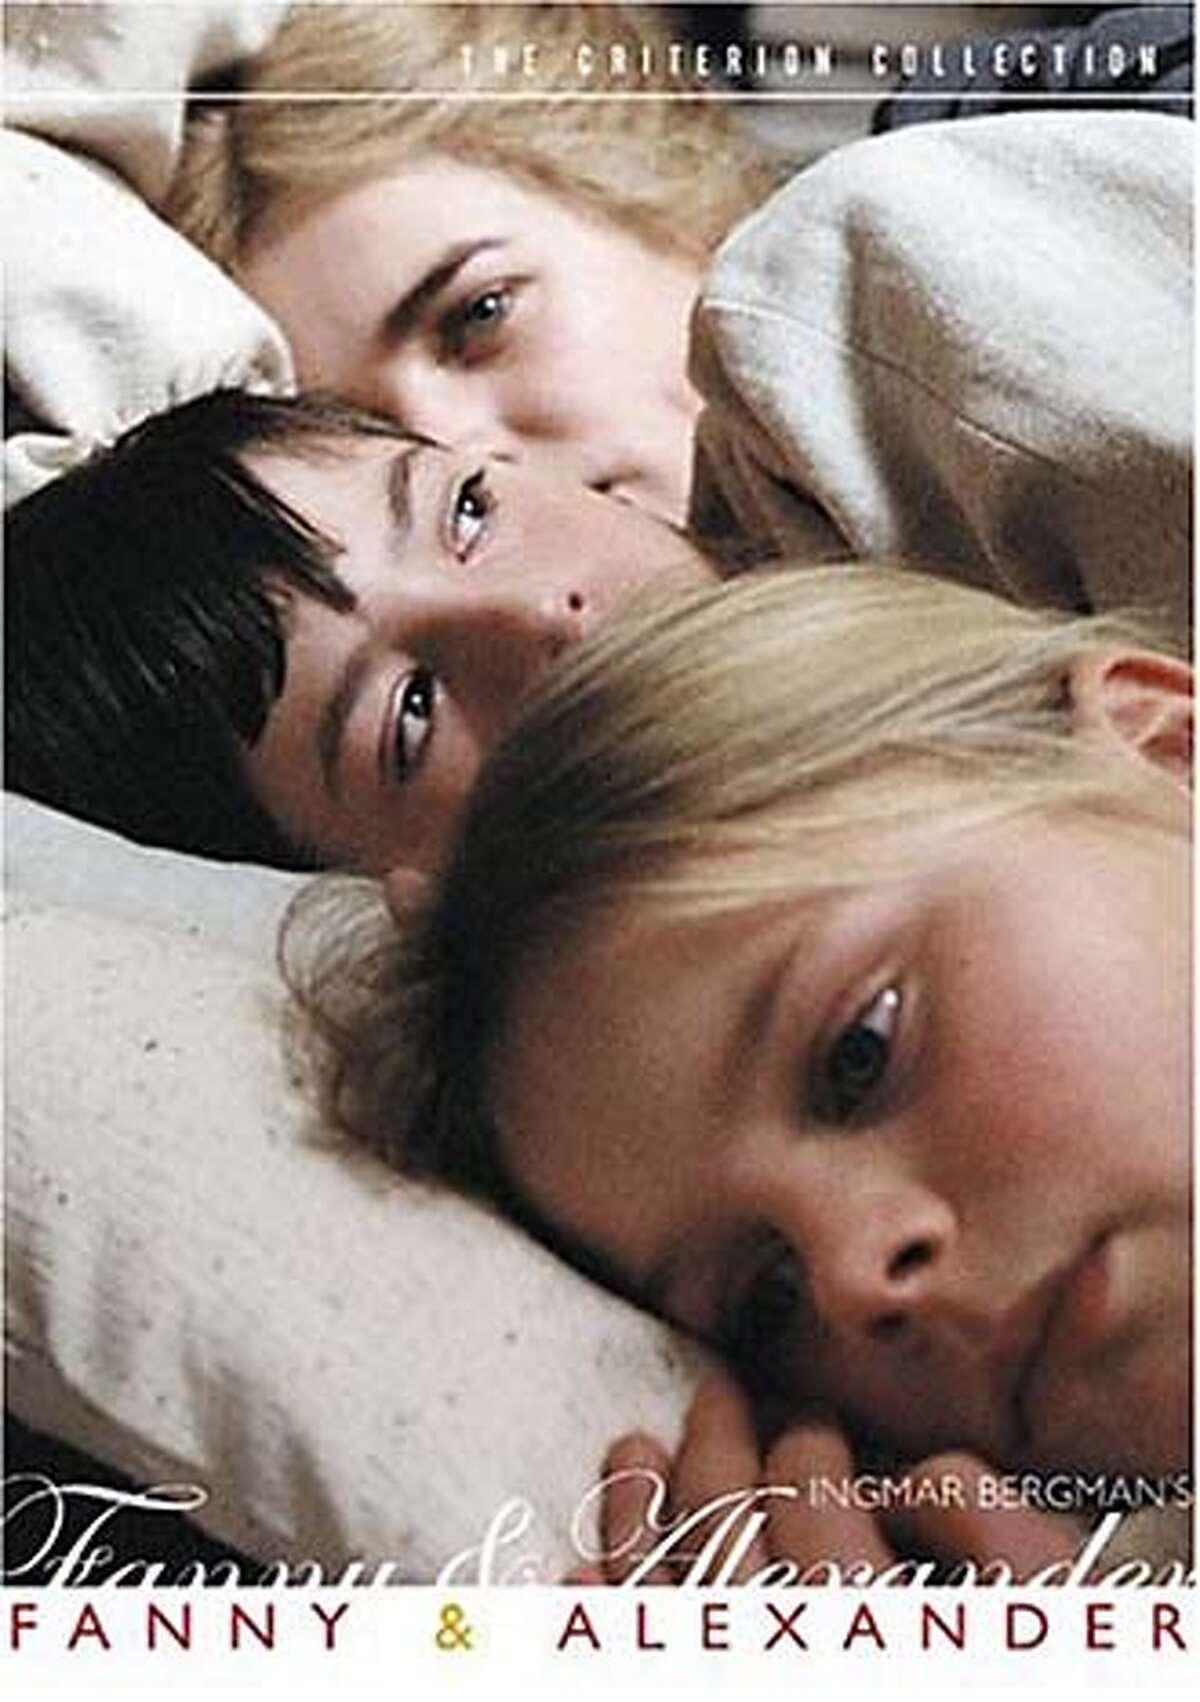 """DVD cover art for, """"Fanny & Alexander"""". Datebook#Datebook#SundayDateBook#12-12-2004#ALL#Advance##0422491656"""